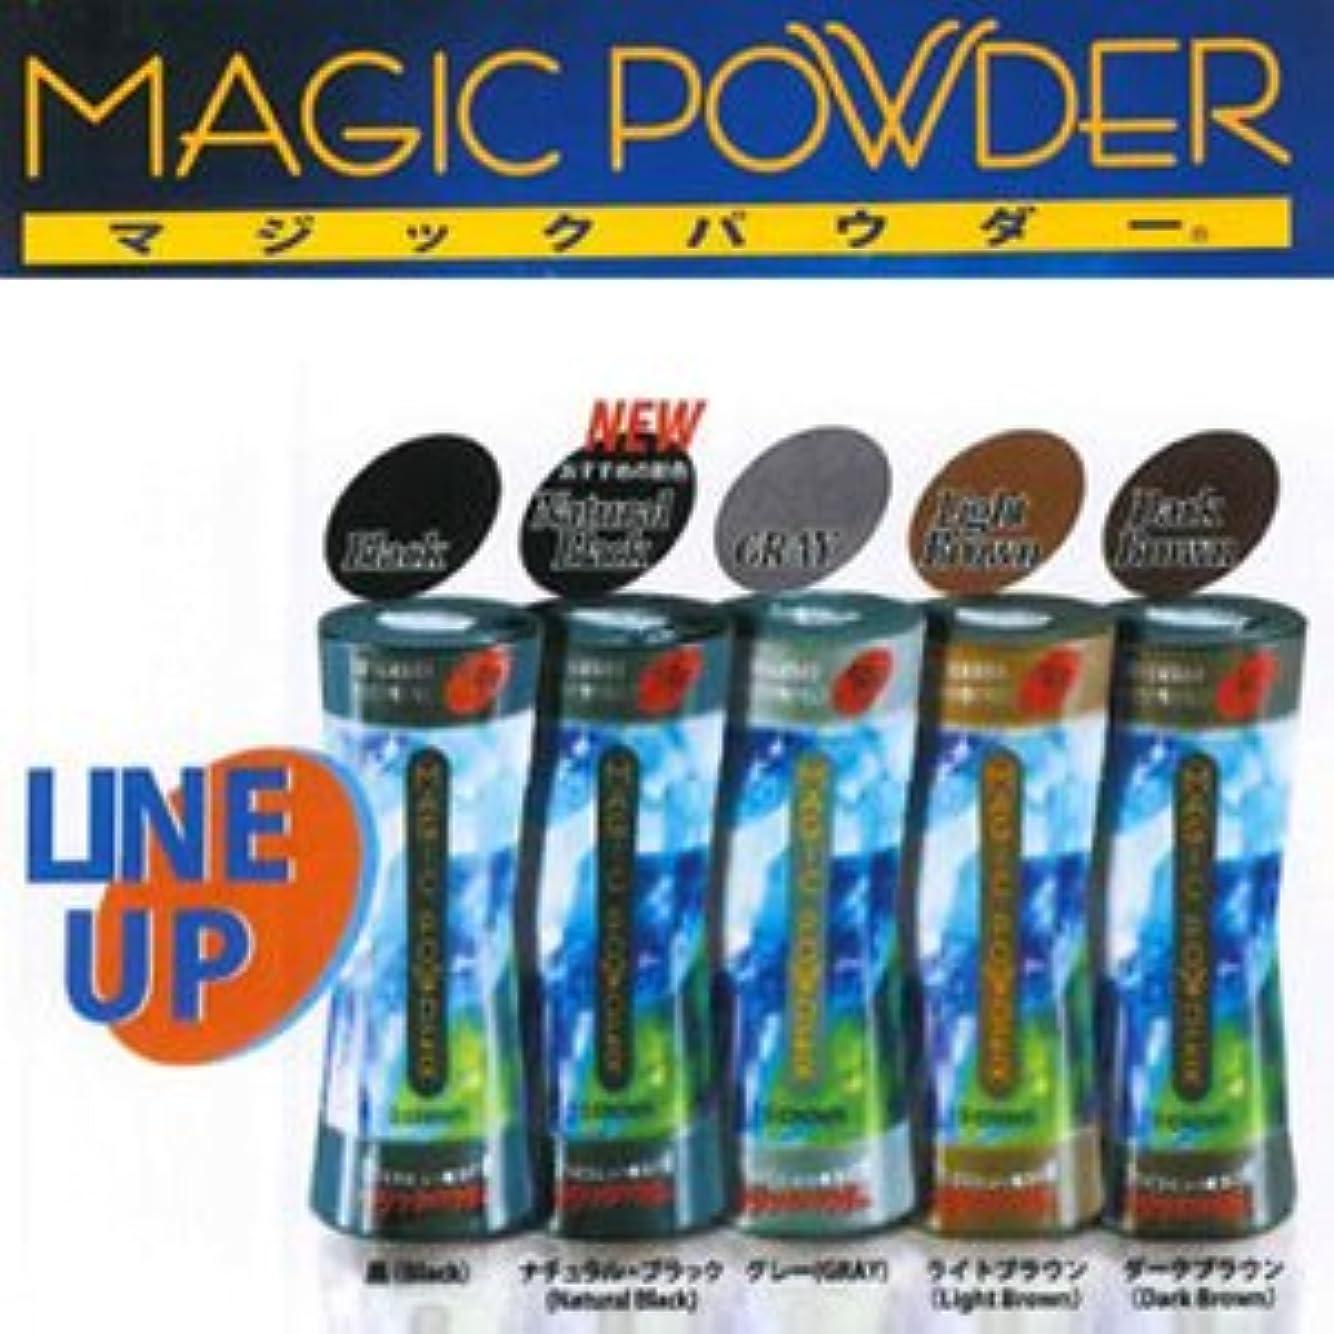 血原告むしろMAGIC POWDER マジックパウダー ライトブラウン 50g 2個セット ※貴方の髪を簡単ボリュームアップ!